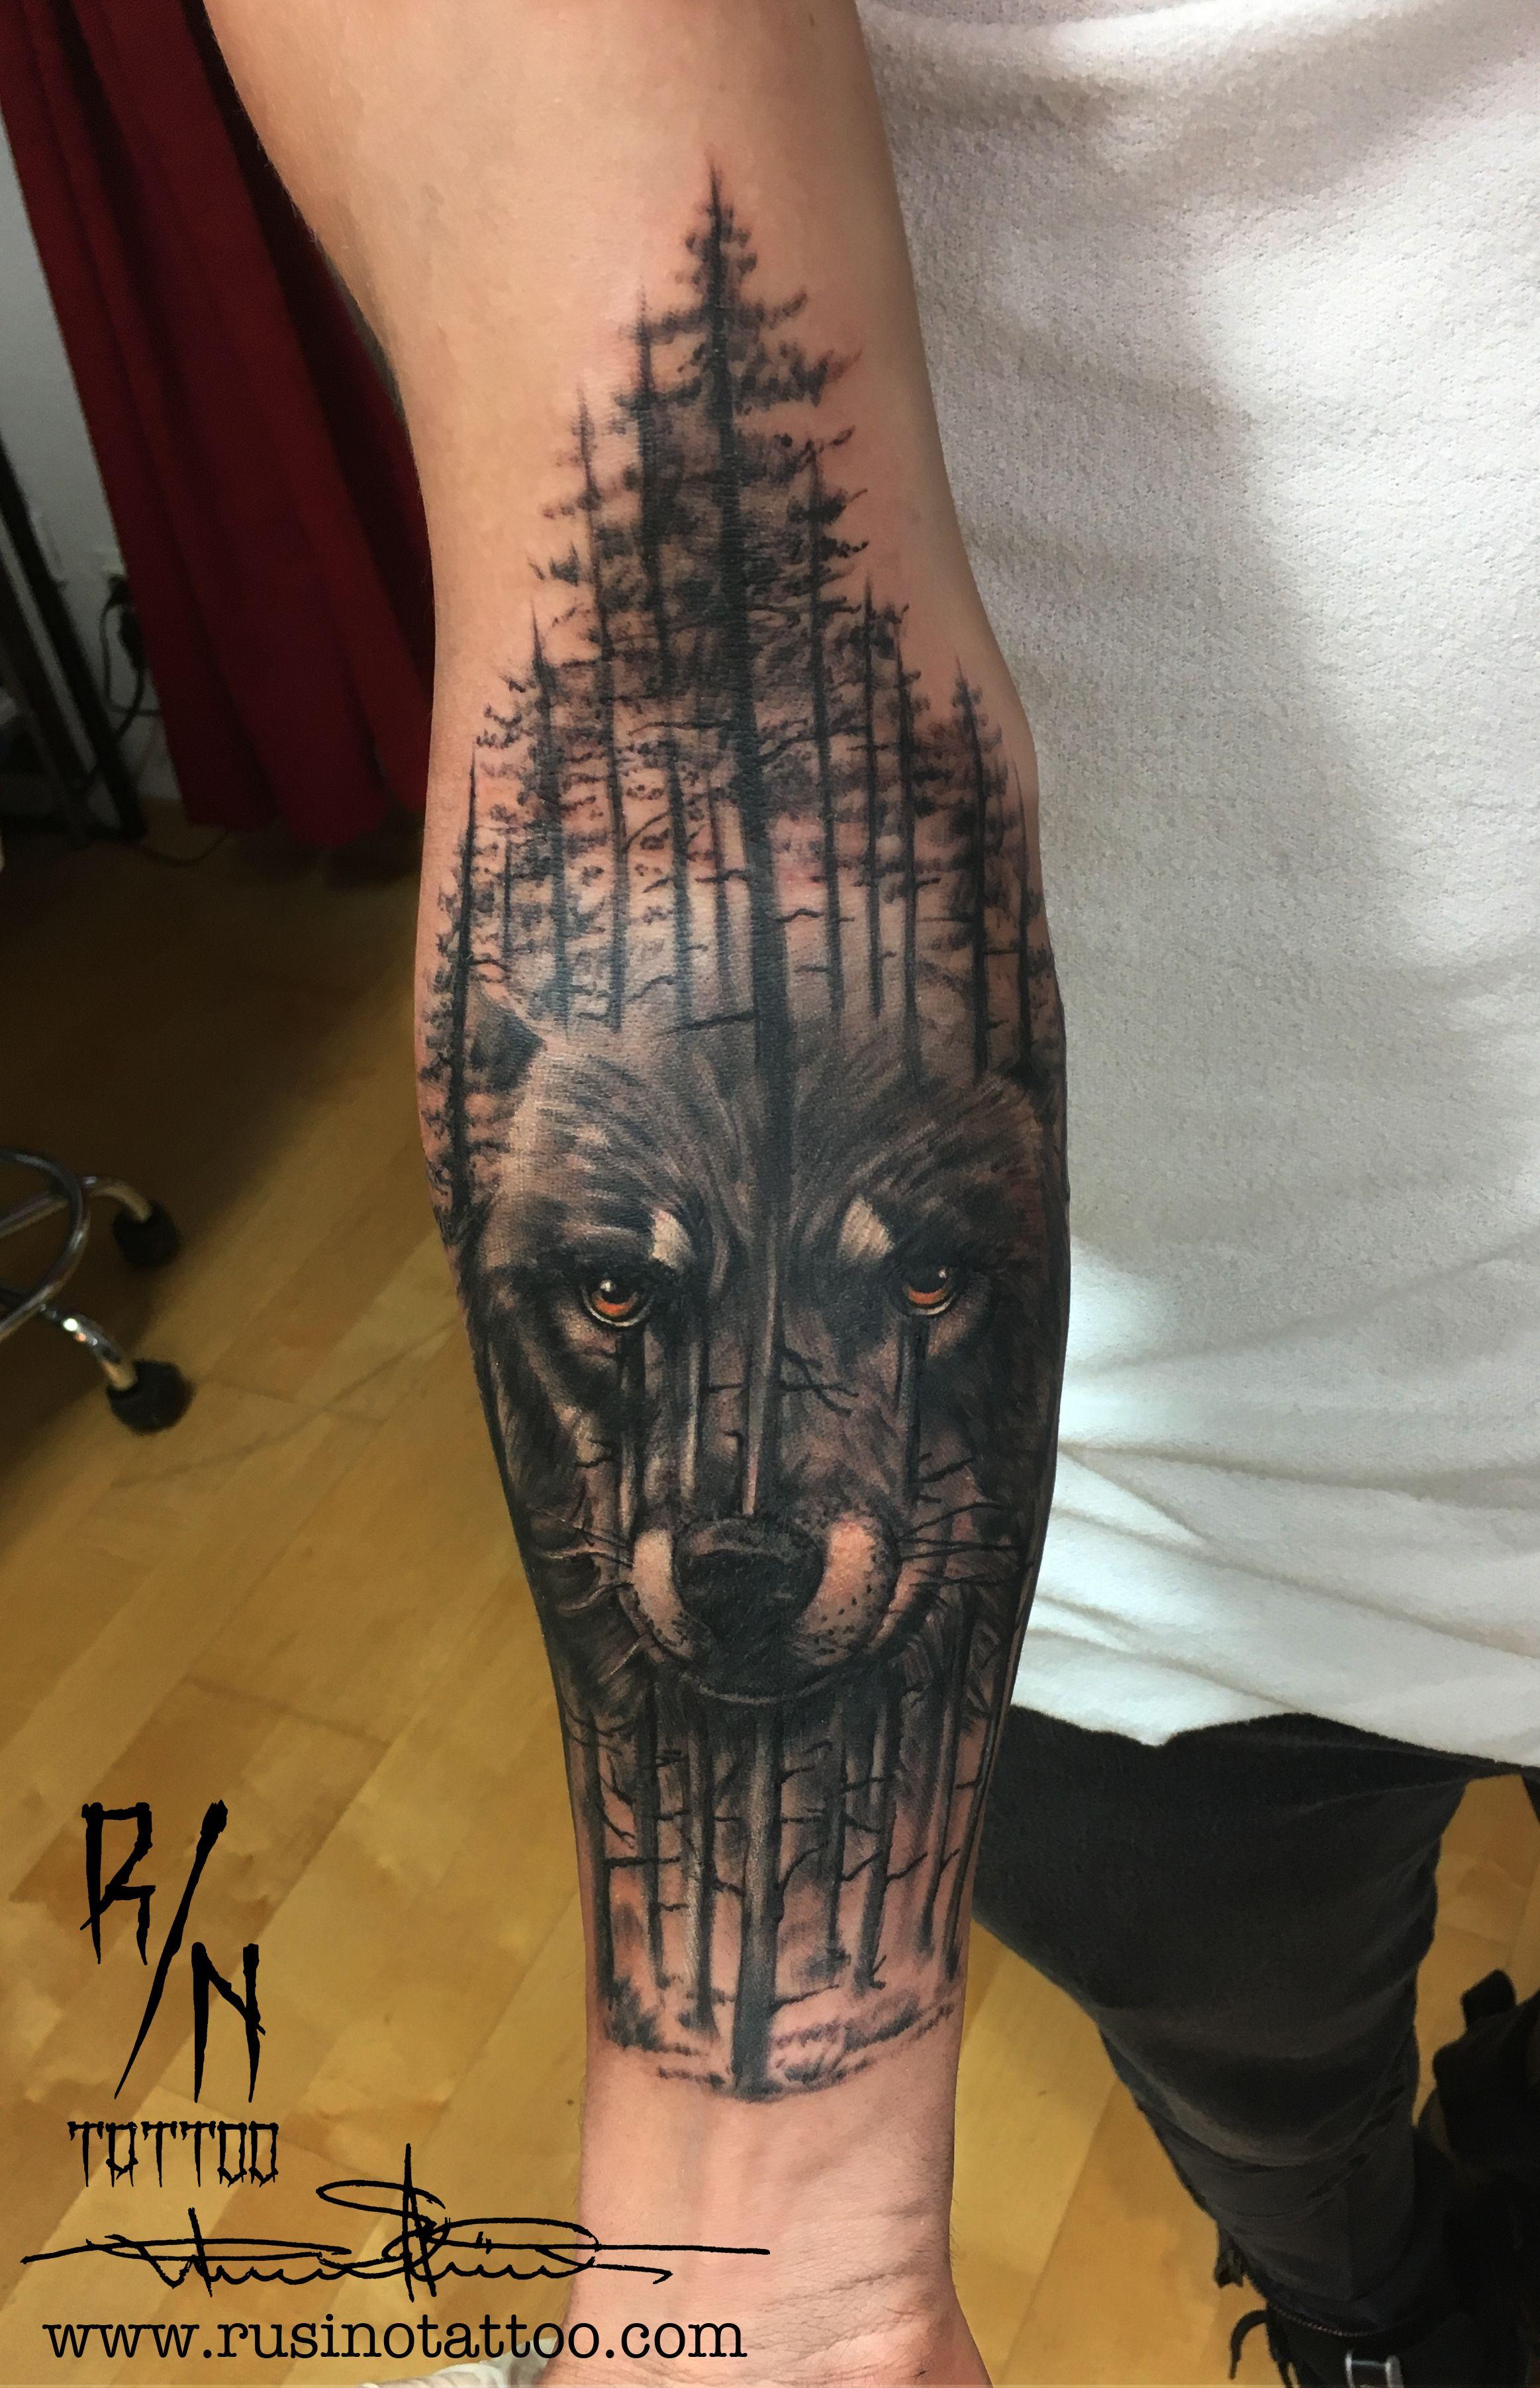 tattoo maori tattoos forest tattoos wolf tattoo. Black Bedroom Furniture Sets. Home Design Ideas